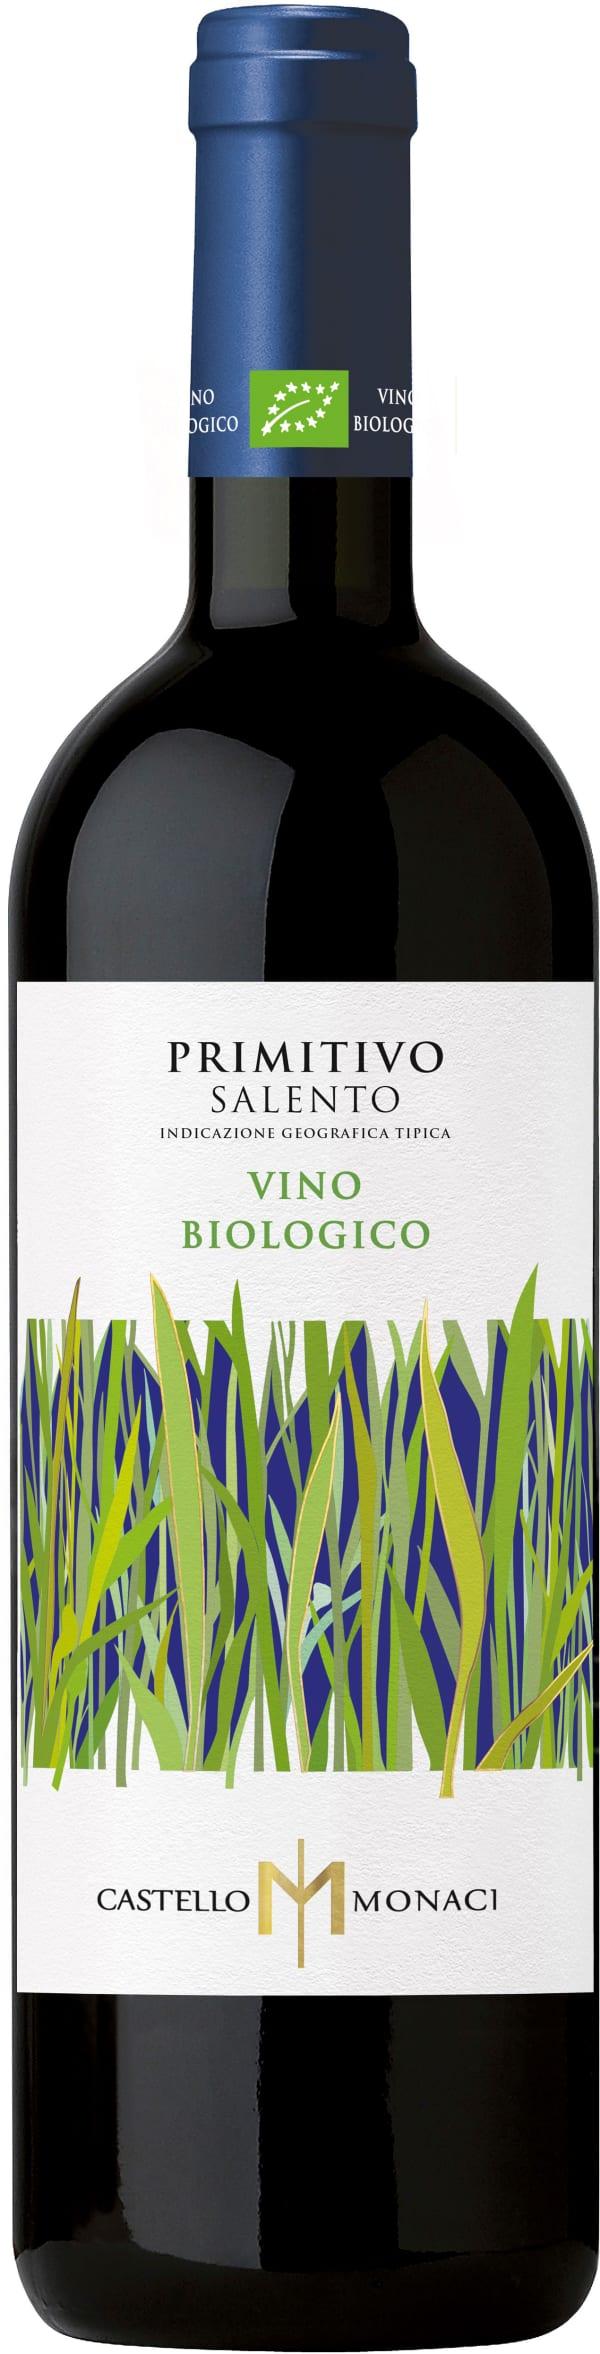 Castello Monaci Primitivo Biologico 2017